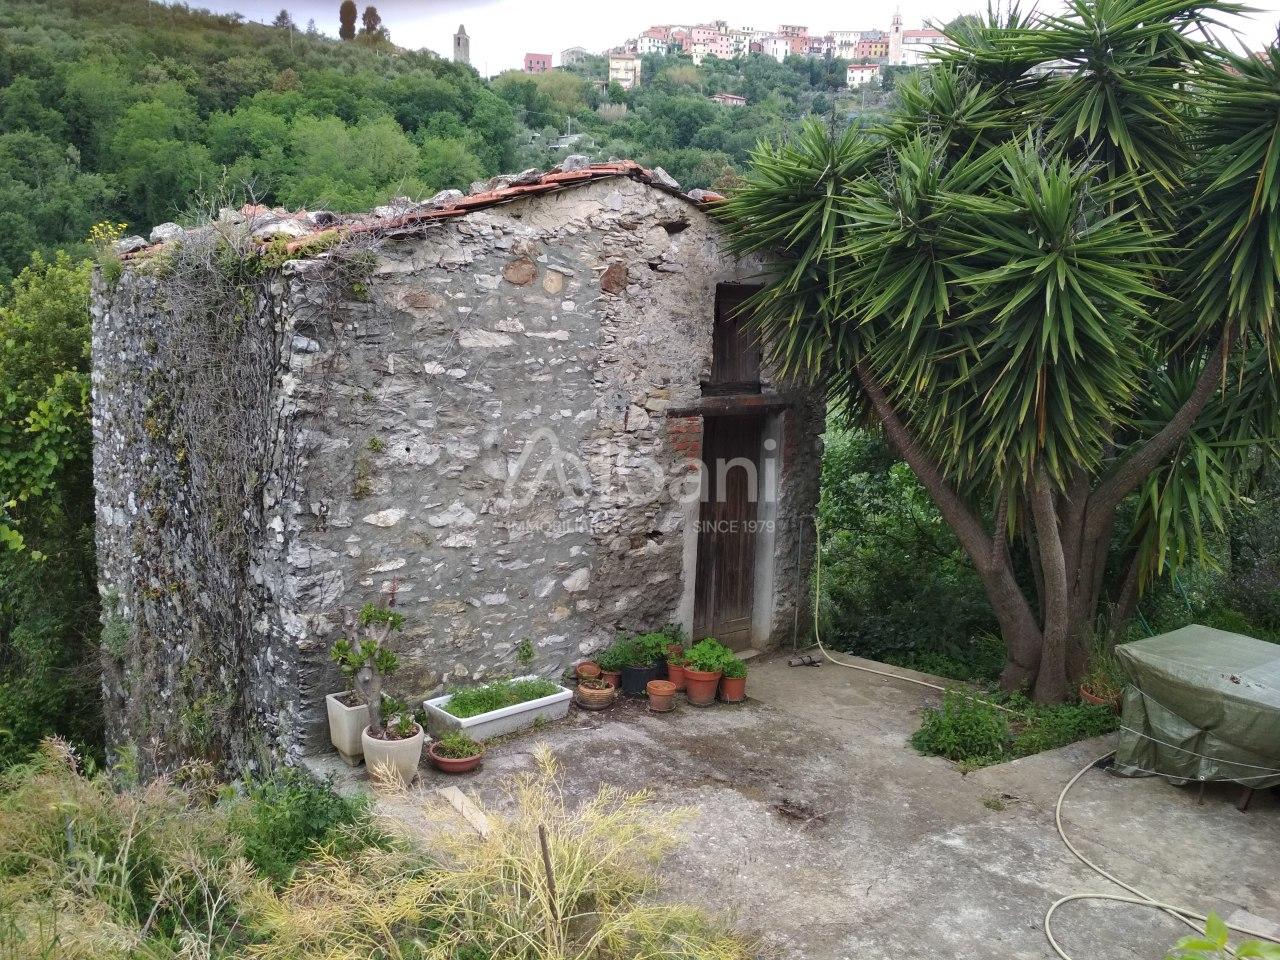 Rustico - Cascina, 35 Mq, Vendita - Vezzano Ligure